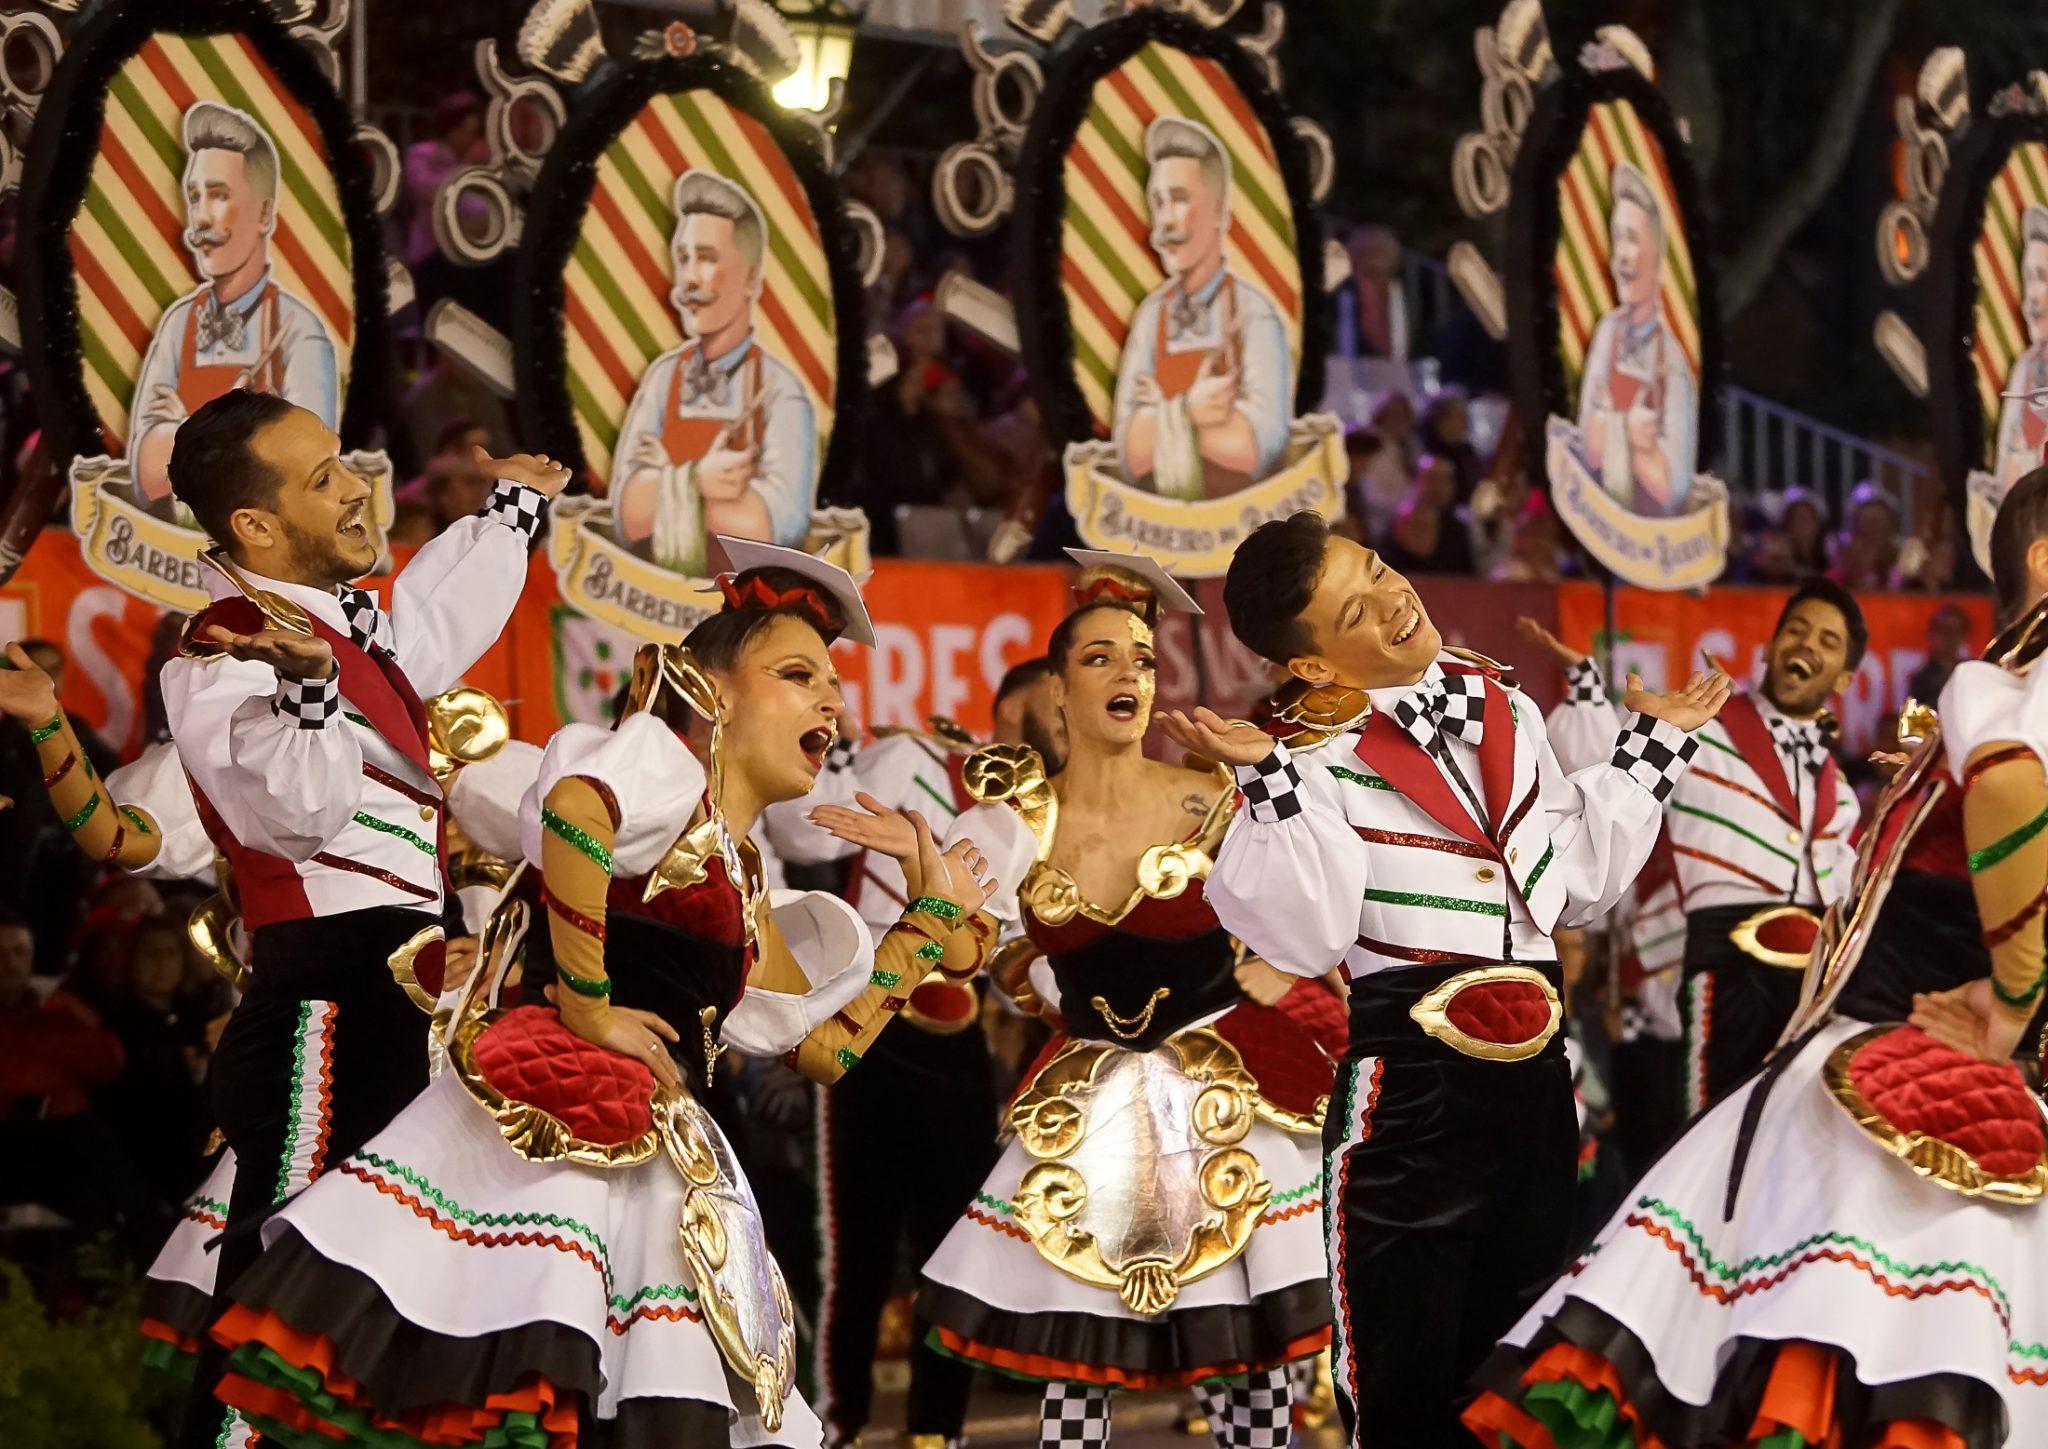 Homens e mulheres cantam e dançam vestidos com roupas pretas, brancas e vermelhas de lado para o observador. Atrás podem ver-se os arcos com uma figura desenhada de um barbeiro